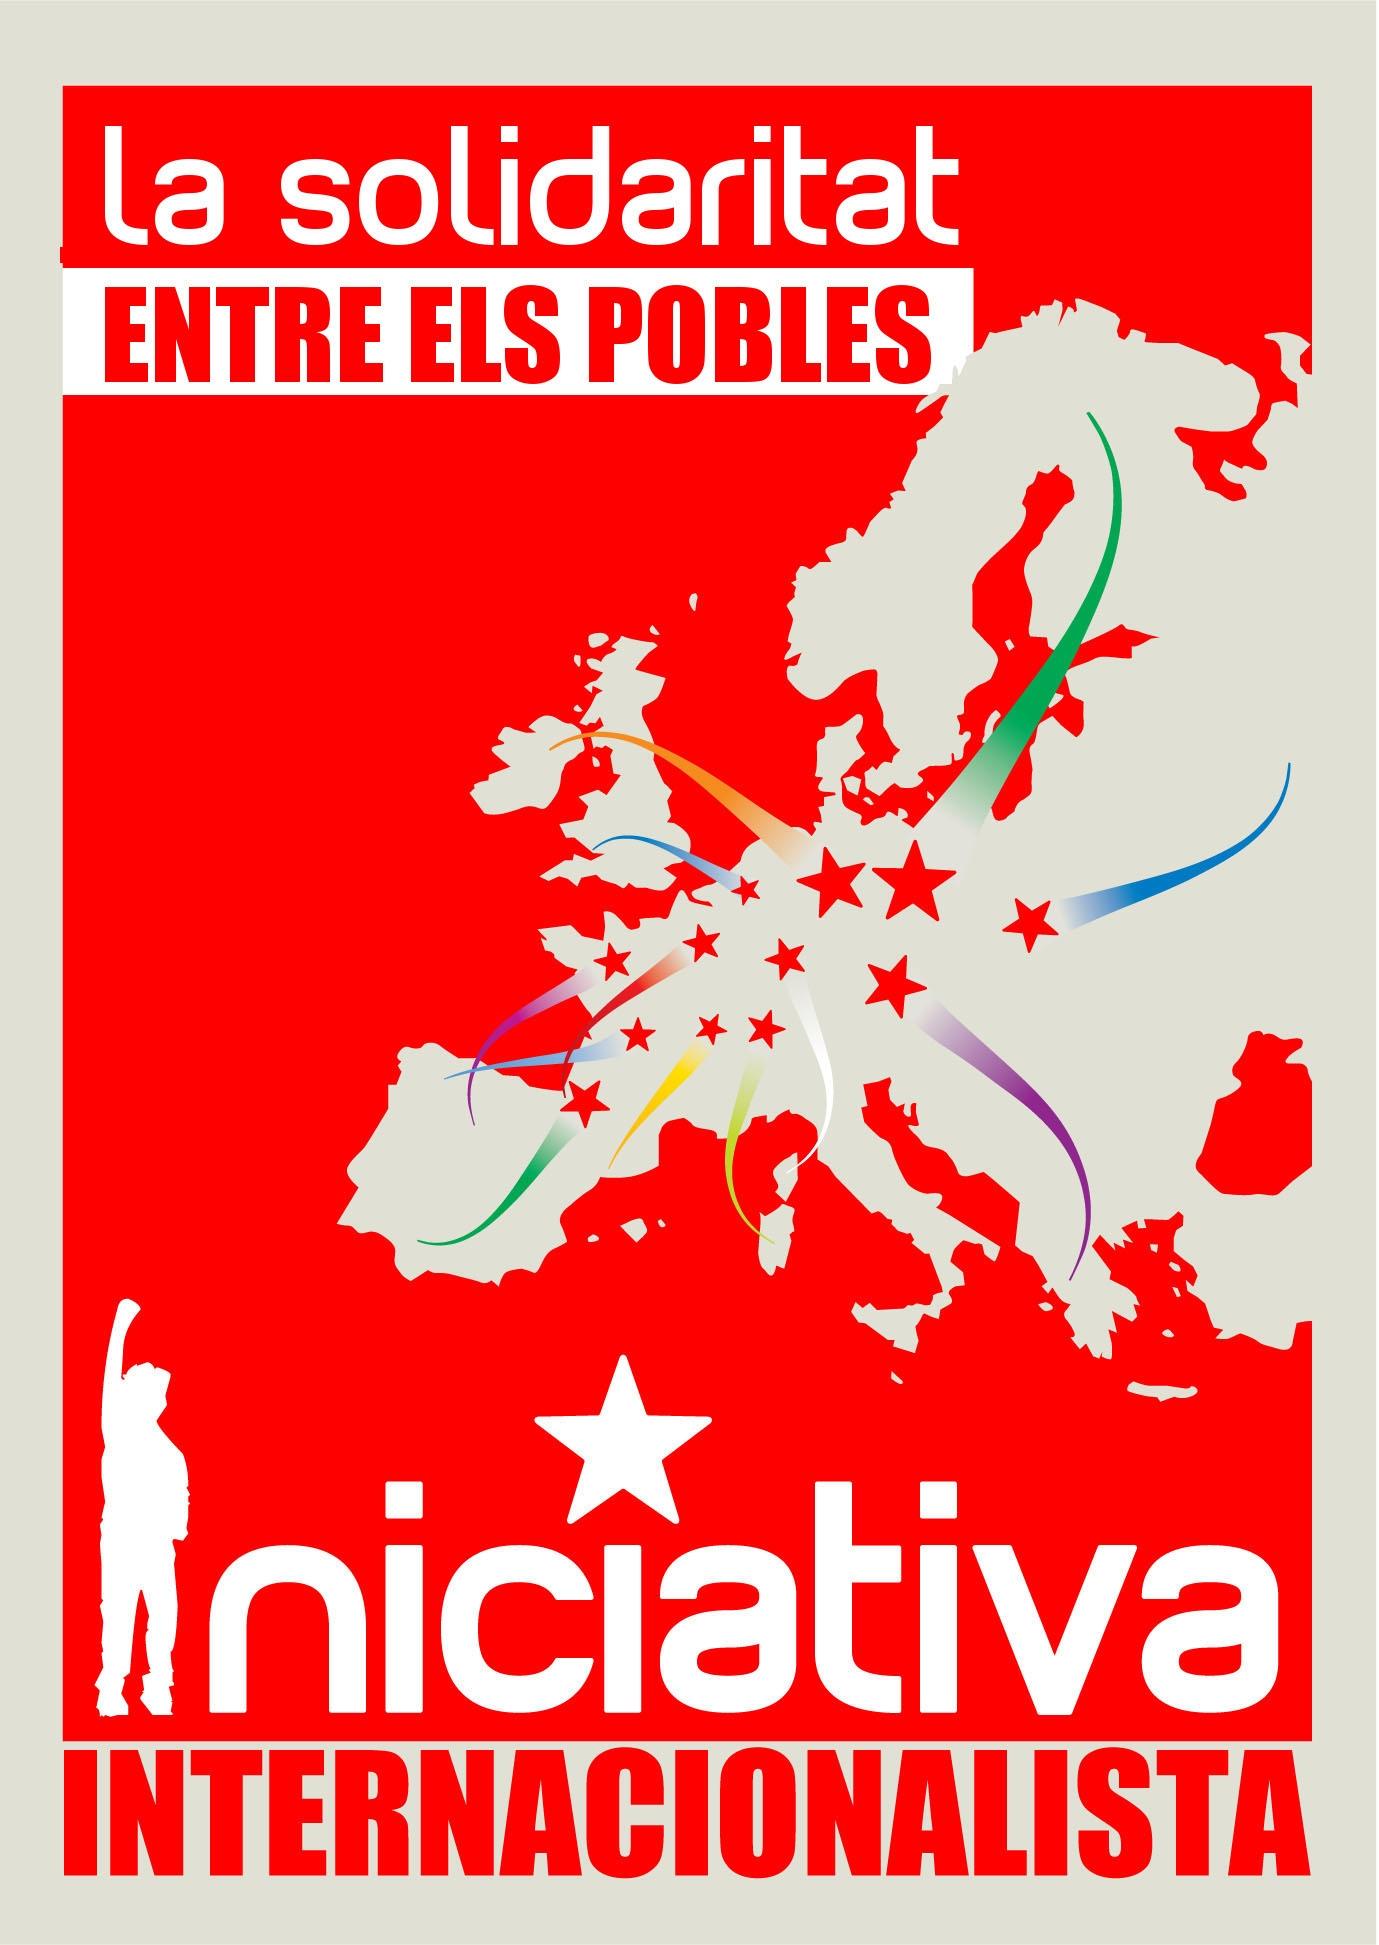 Iniciativa Internacionalista aplega col·lectius d'Aragó, Euskal Herria, Galícia, Catalunya, Cantàbria, Astúrias, de la resta de l'estat i també internacional